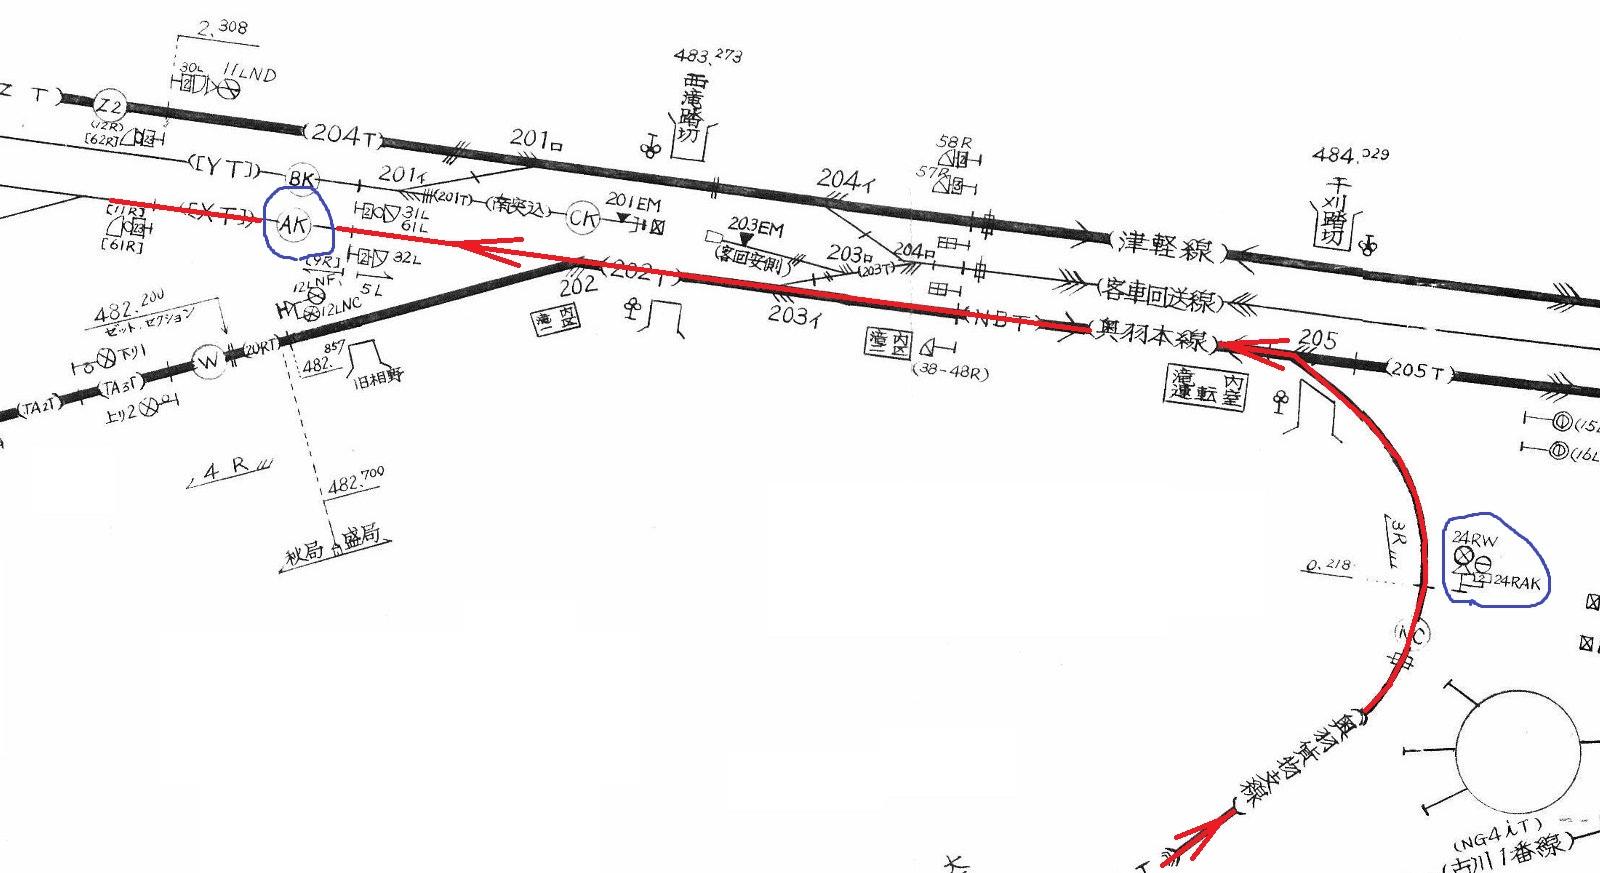 Aomori1978013_2